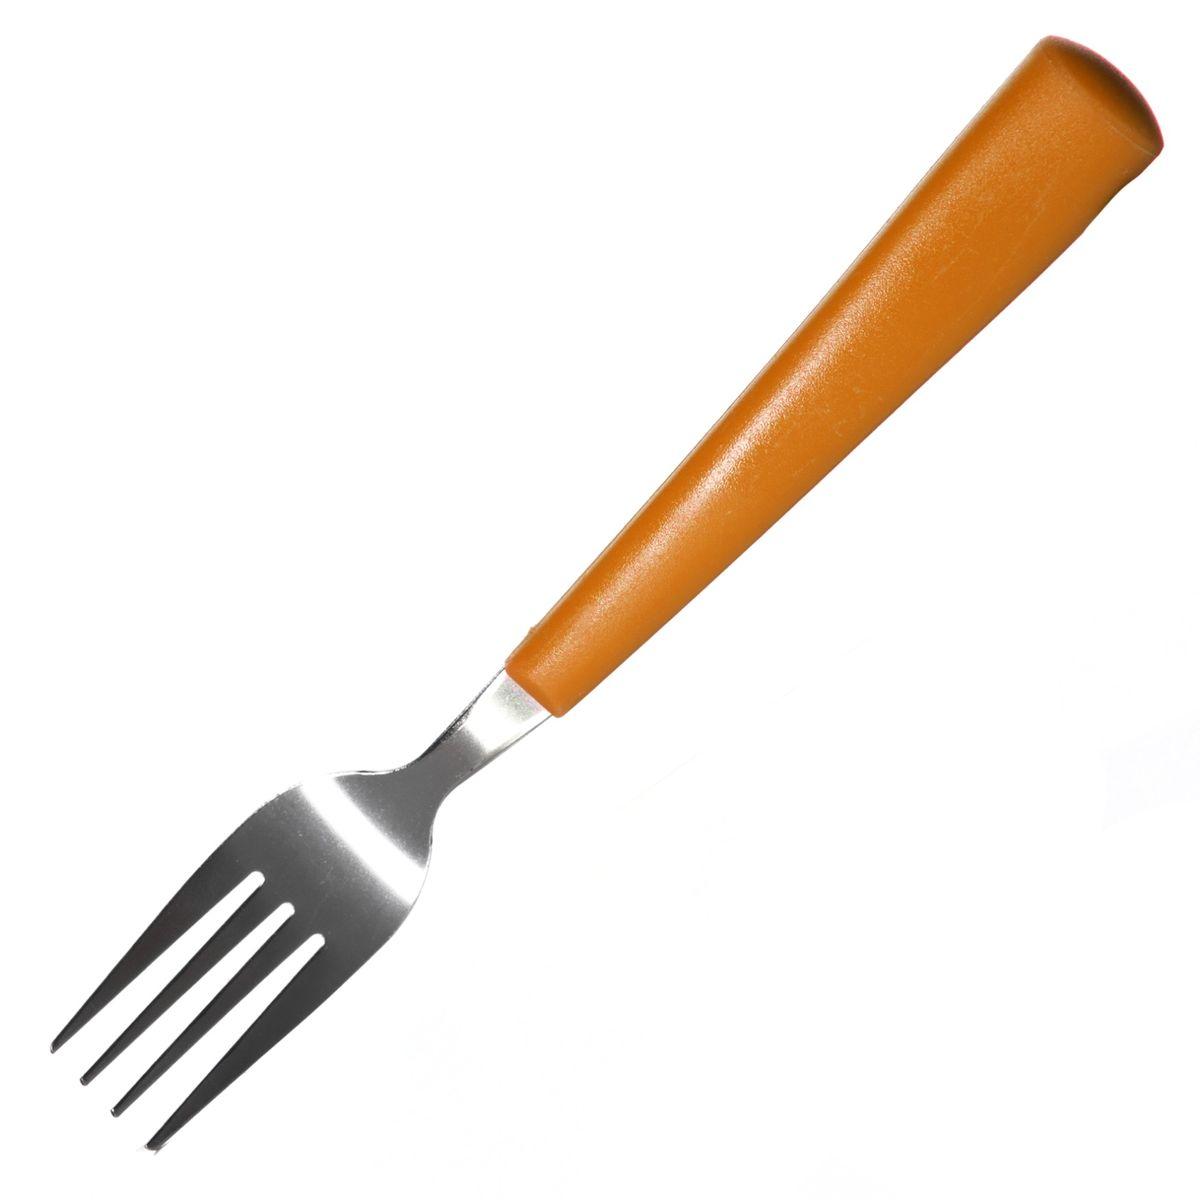 Вилка столовая LaSella, цвет: оранжевый, длина 19 смSW225-3ORСтоловая вилка LaSella, выполненная из высококачественной нержавеющей стали, это практичный и симпатичный аксессуар для каждой кухни. Вилка оснащена пластиковой ручкой. Столовая вилка LaSella прекрасно подойдет для сервировки стола, как в домашнем быту, так и в профессиональных заведениях - кафе, ресторанах. Длина вилки: 19 см. Размер рабочей поверхности: 8 см.